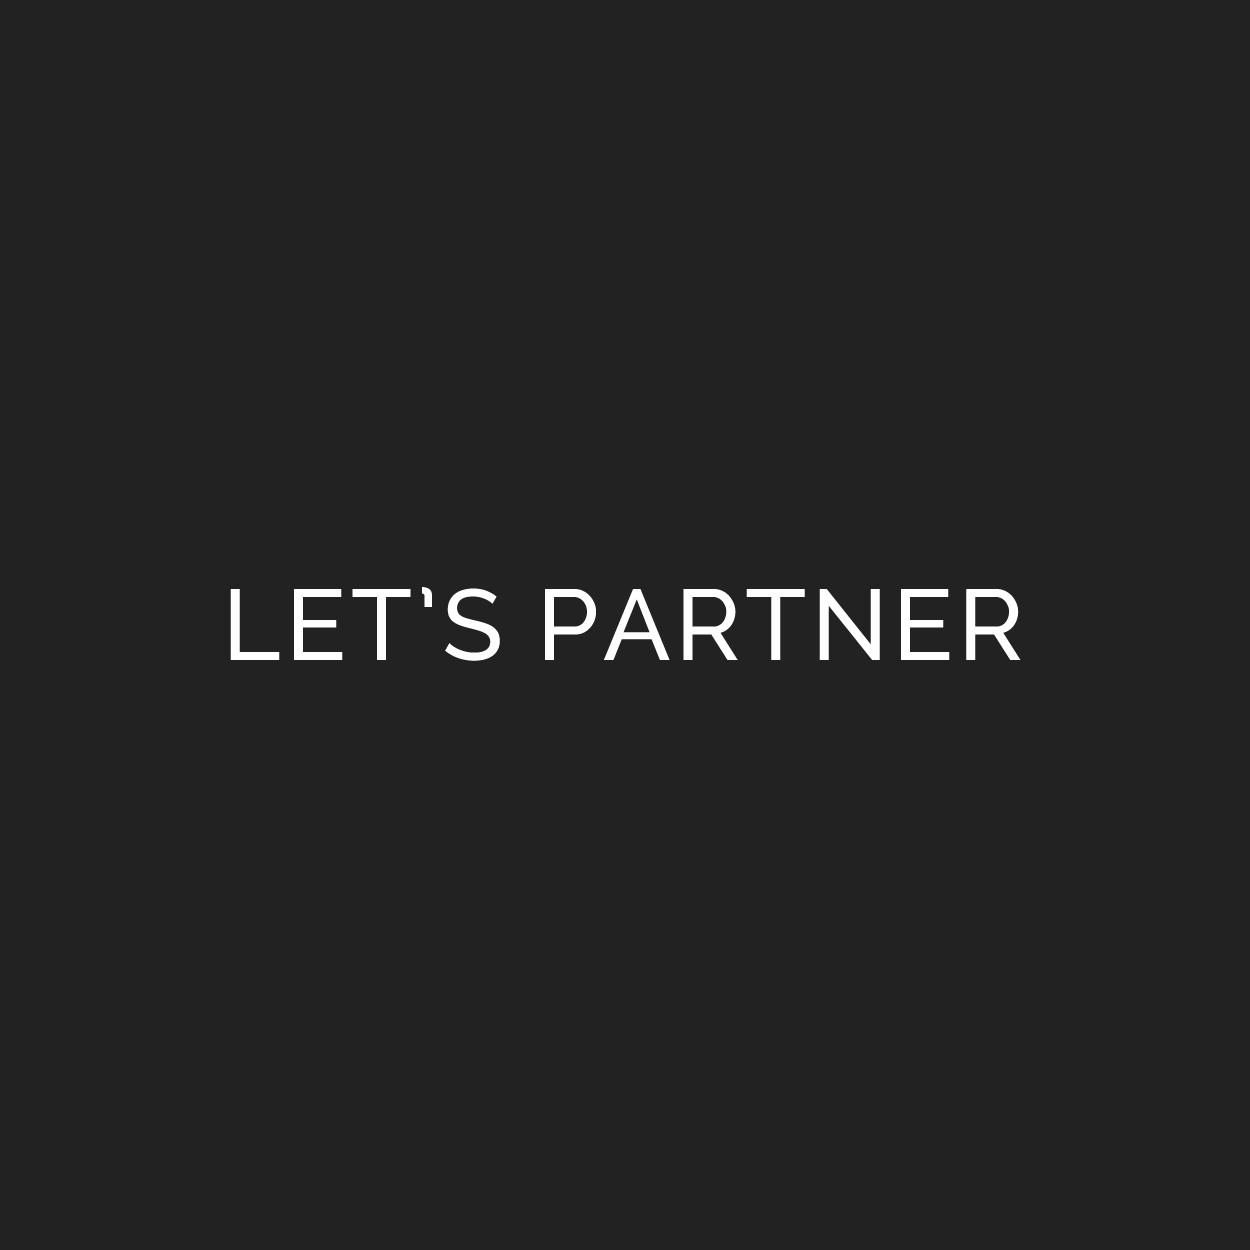 Let's_Partner.png